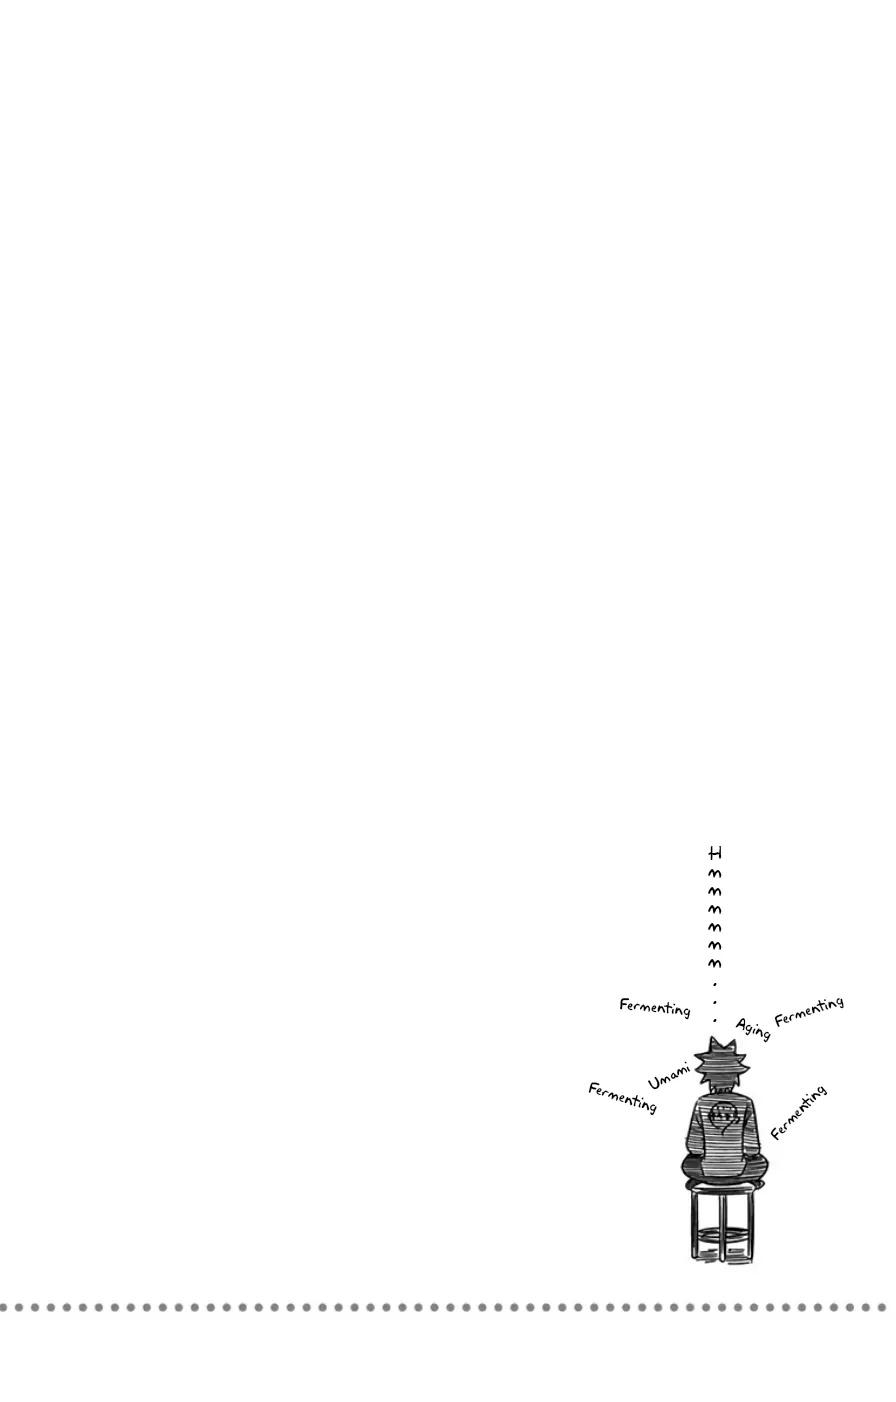 Shokugeki no Soma Chapter 101.5  Online Free Manga Read Image 6